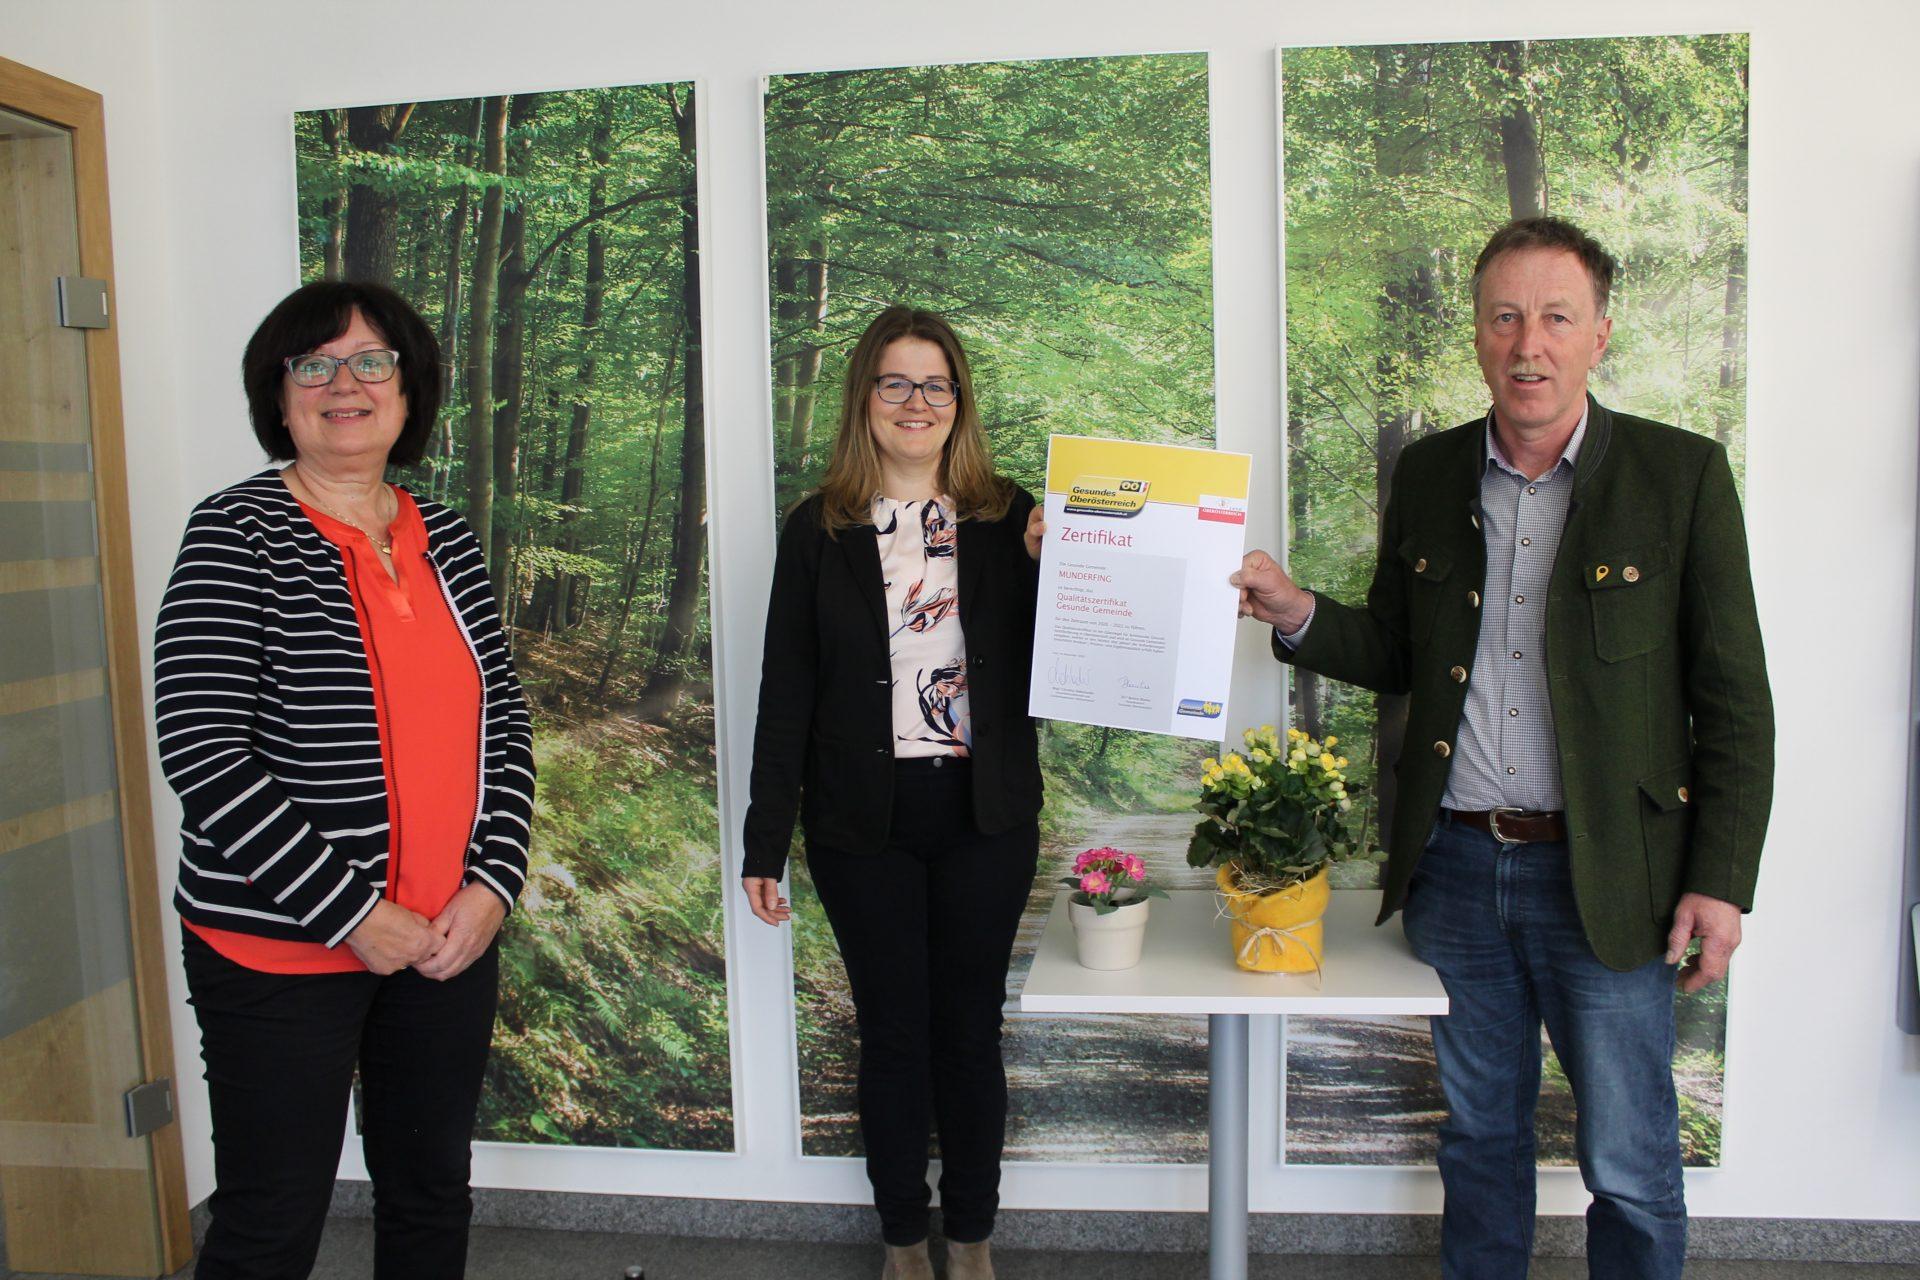 Dieses Bild zeigt v.l.n.r. Mitarbeiterin Adelheid Schicktanz, Arbeitskreisleiterin Verena Aigner und Bürgermeister Martin Voggenberger mit dem Qualitätszertifikat der Gesunden Gemeinde.